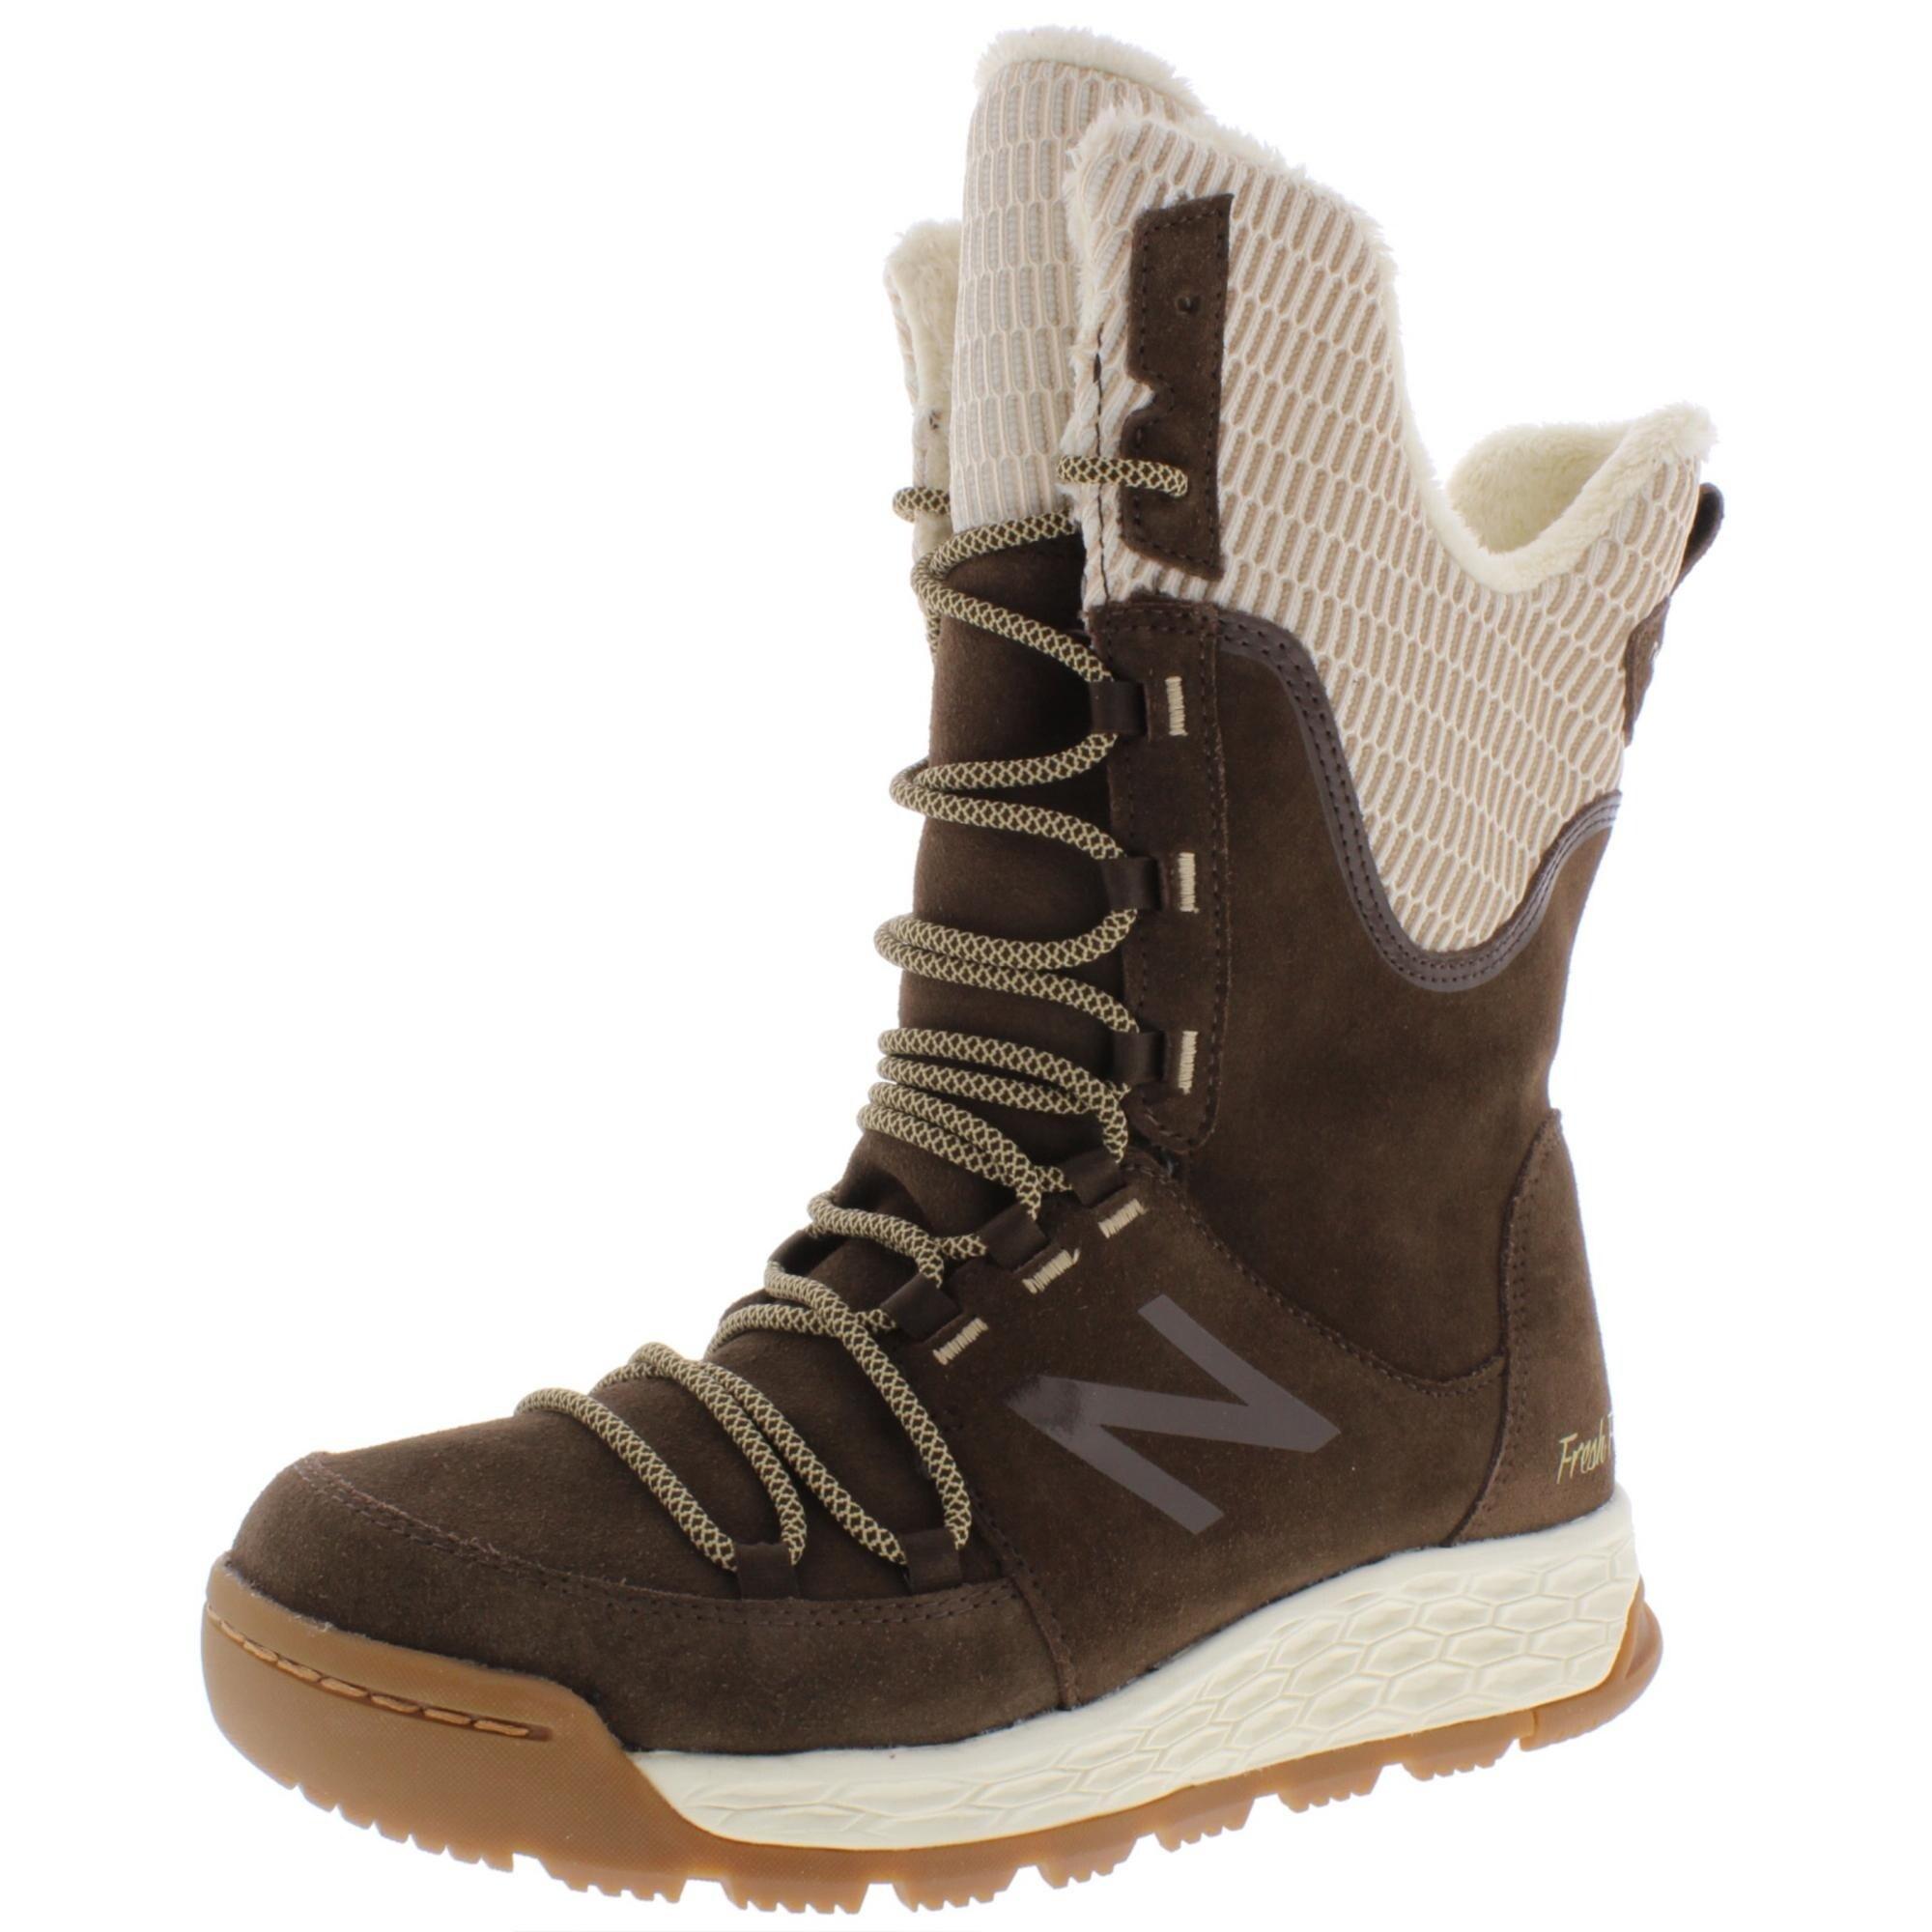 Shop New Balance Womens Winter Boots